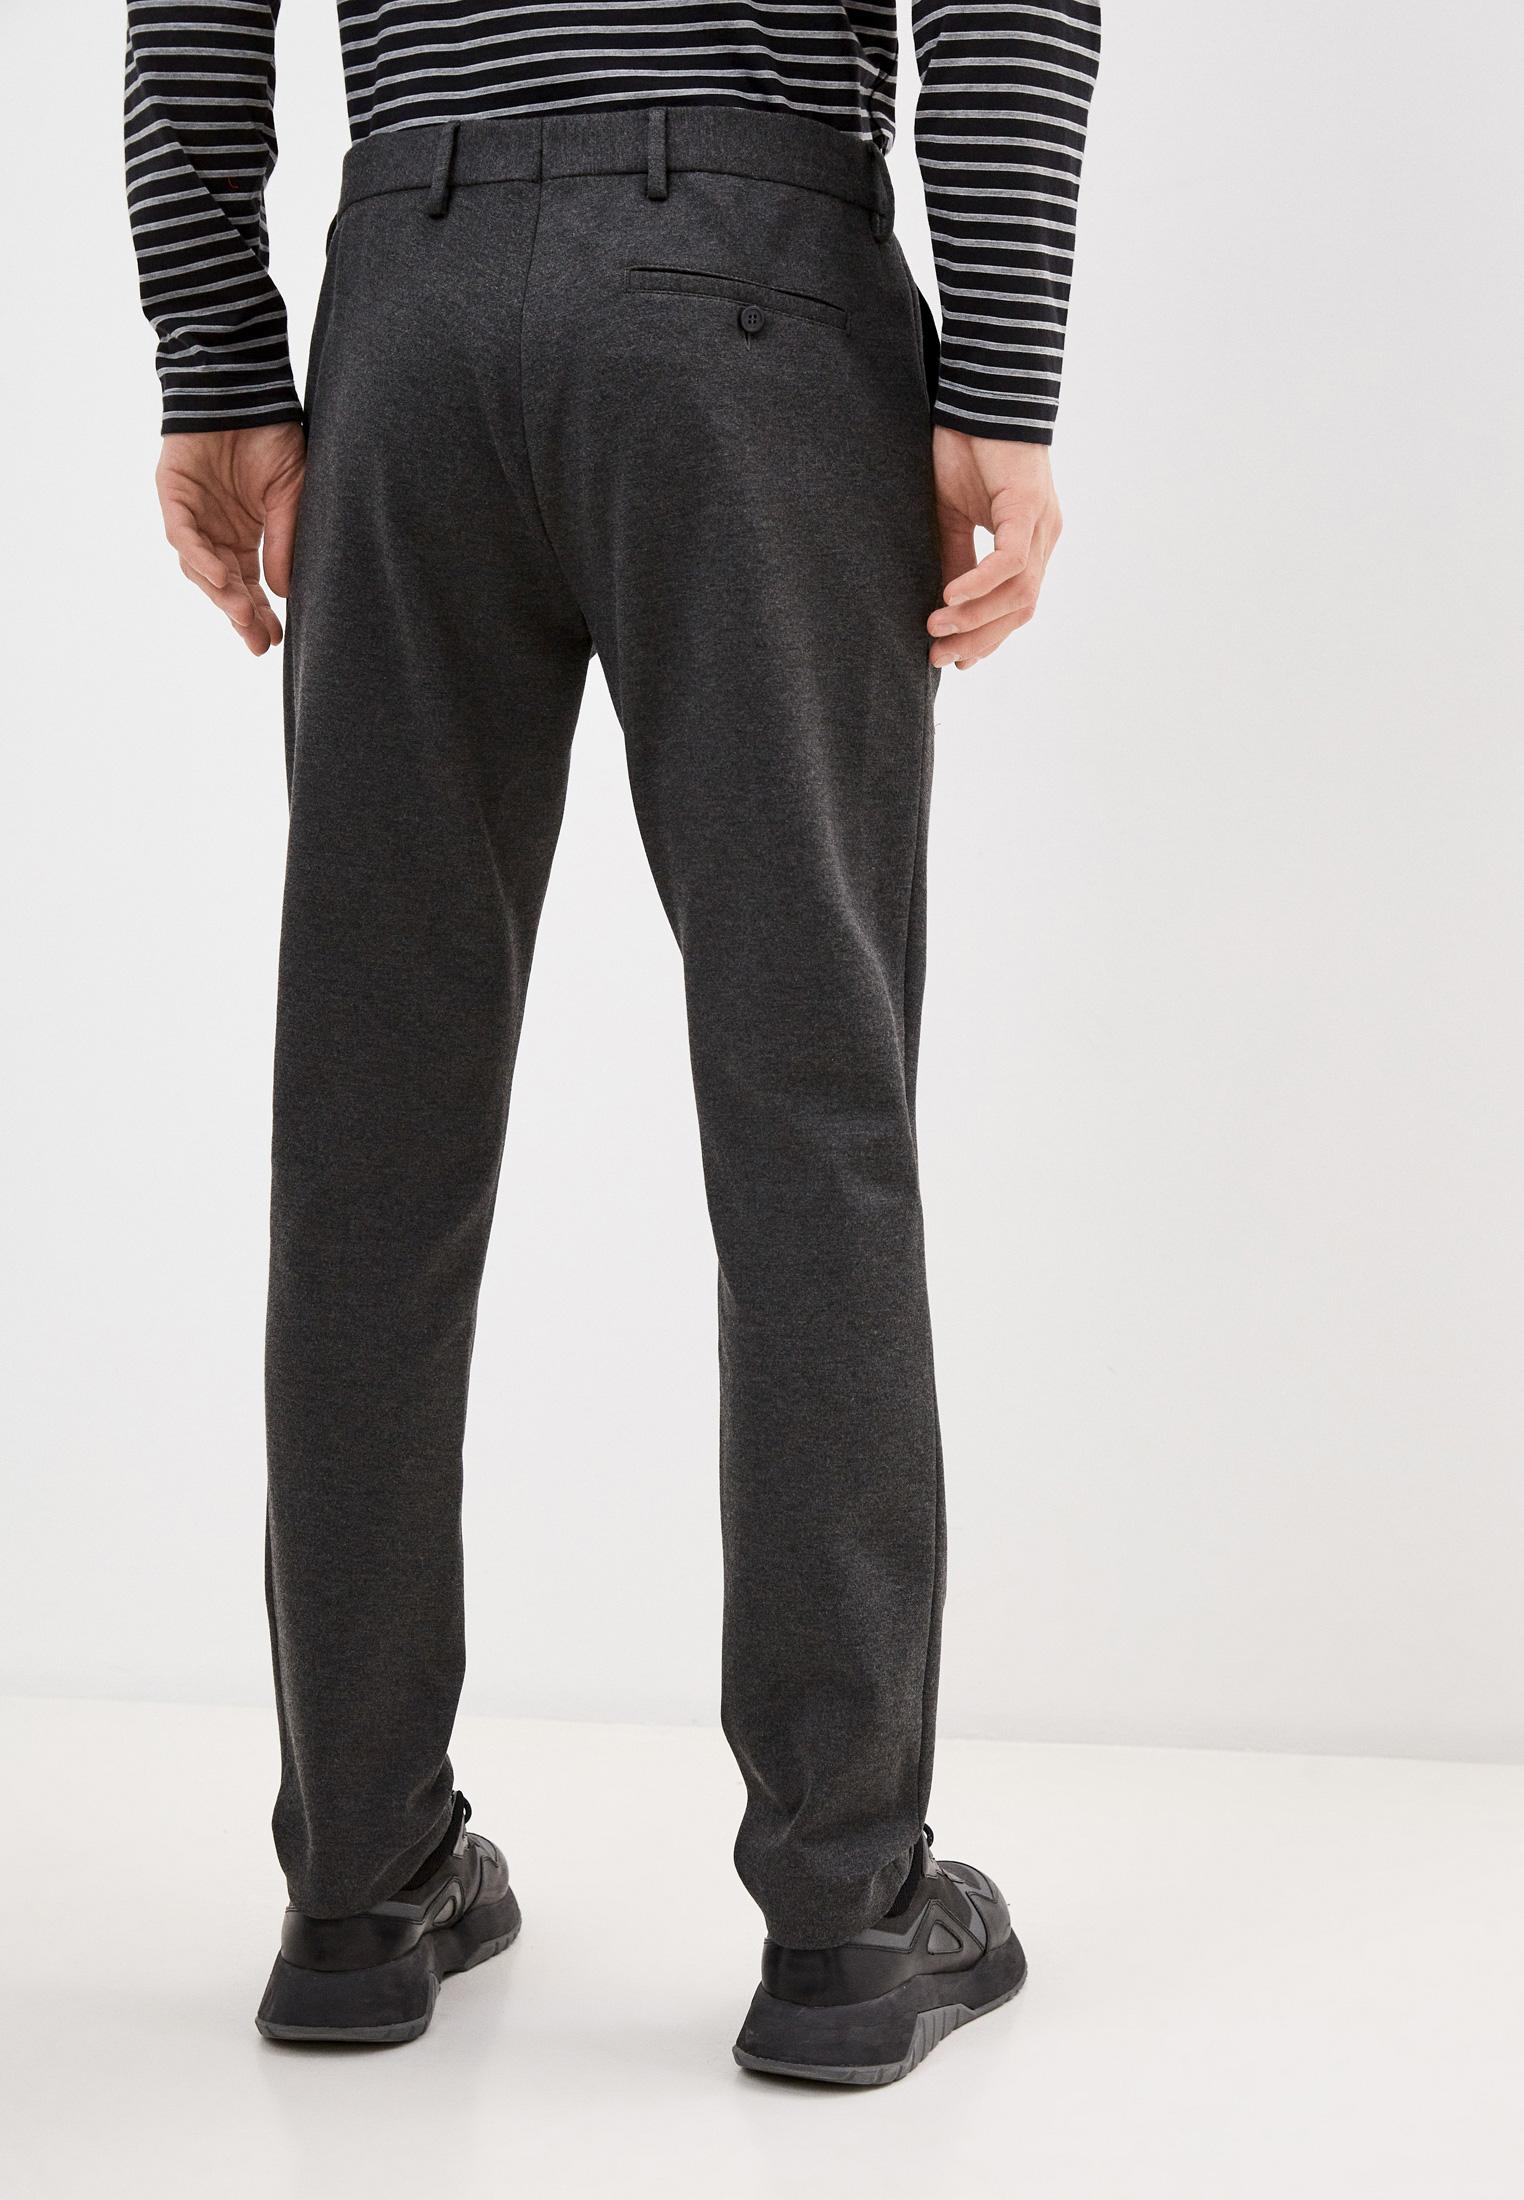 Мужские повседневные брюки Bikkembergs (Биккембергс) C 1 061 80 E 1969: изображение 4